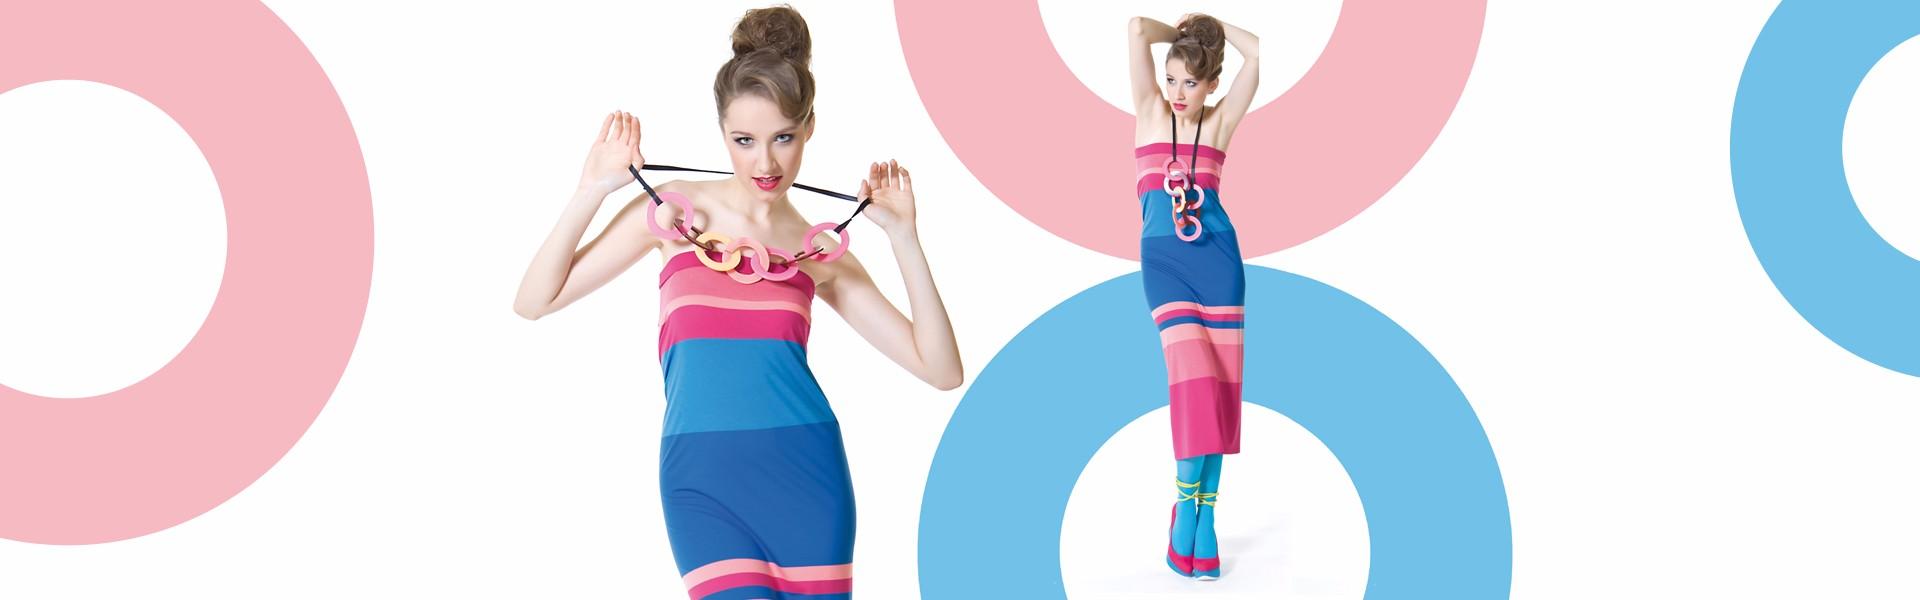 Fotografia mody, modelka w kolorowej sukience w paski